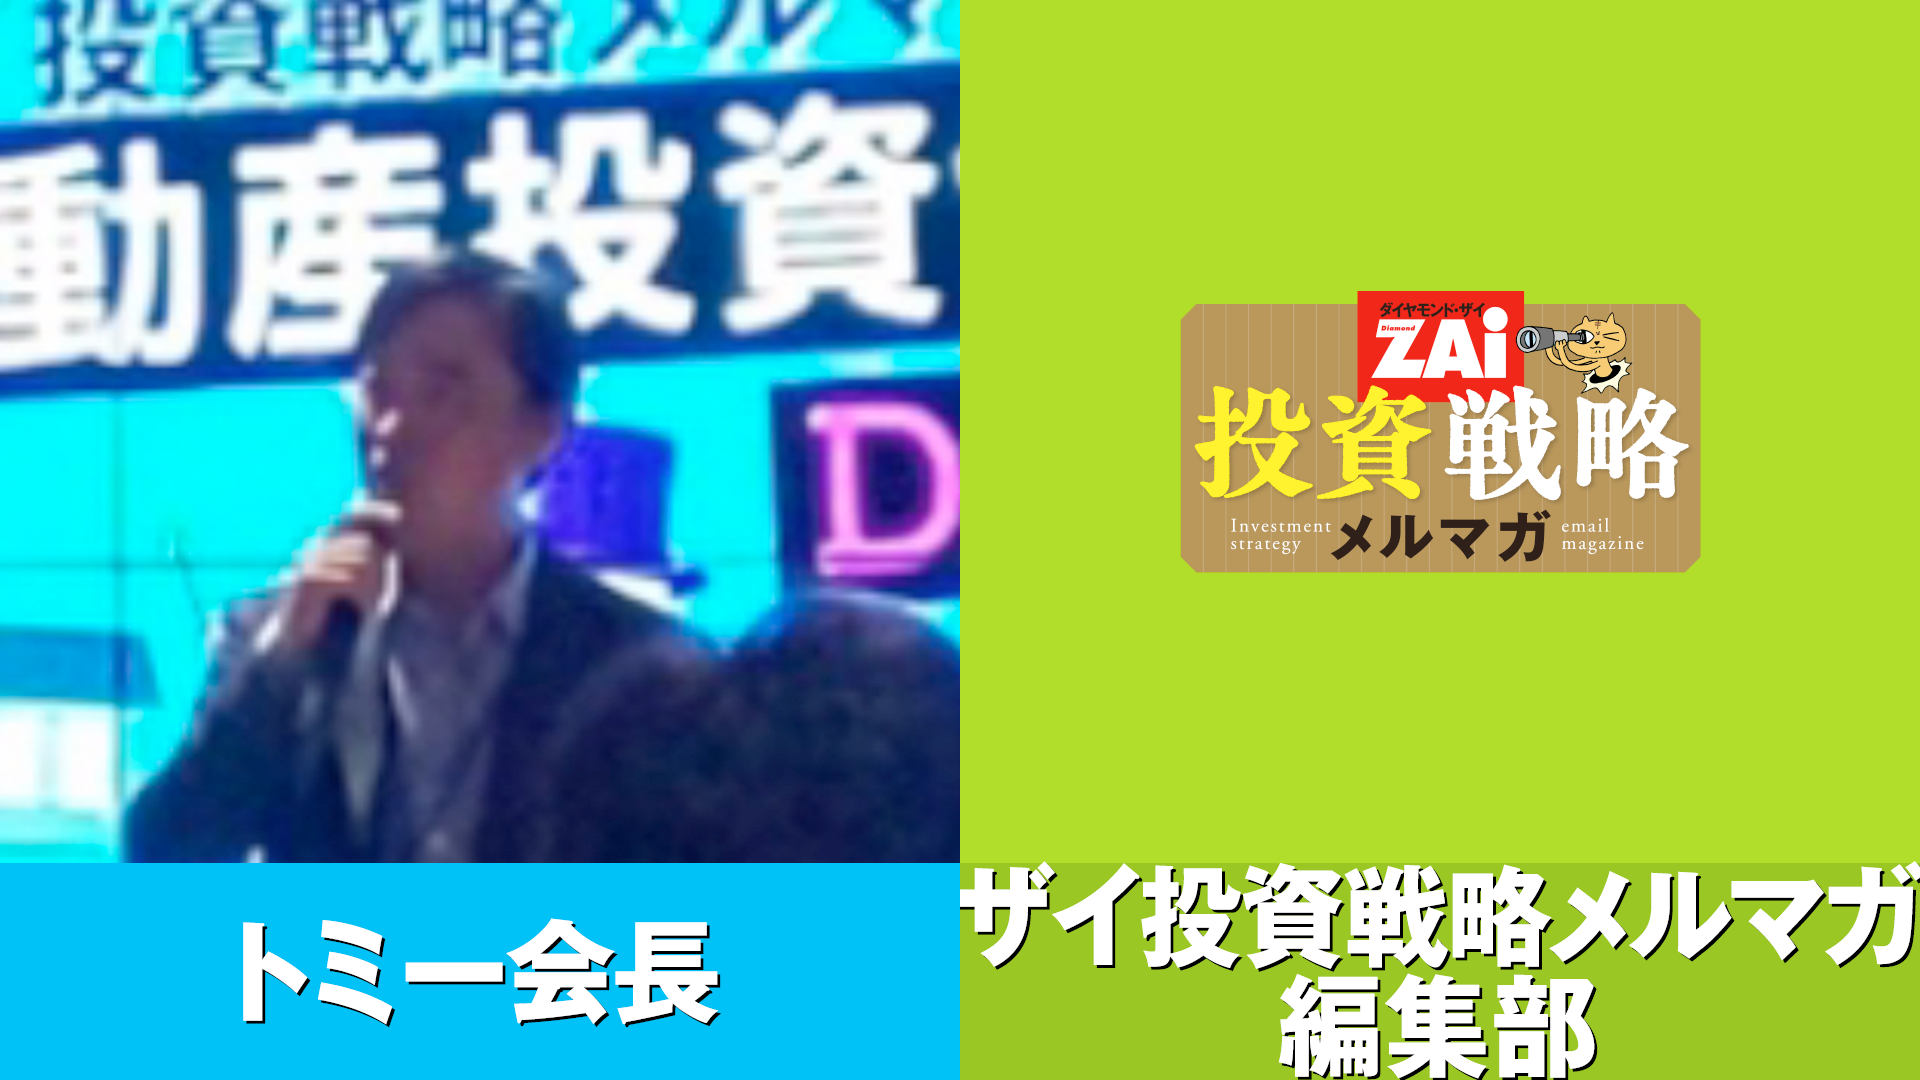 トミー会長 Produced by ザイ投資戦略メルマガ編集部